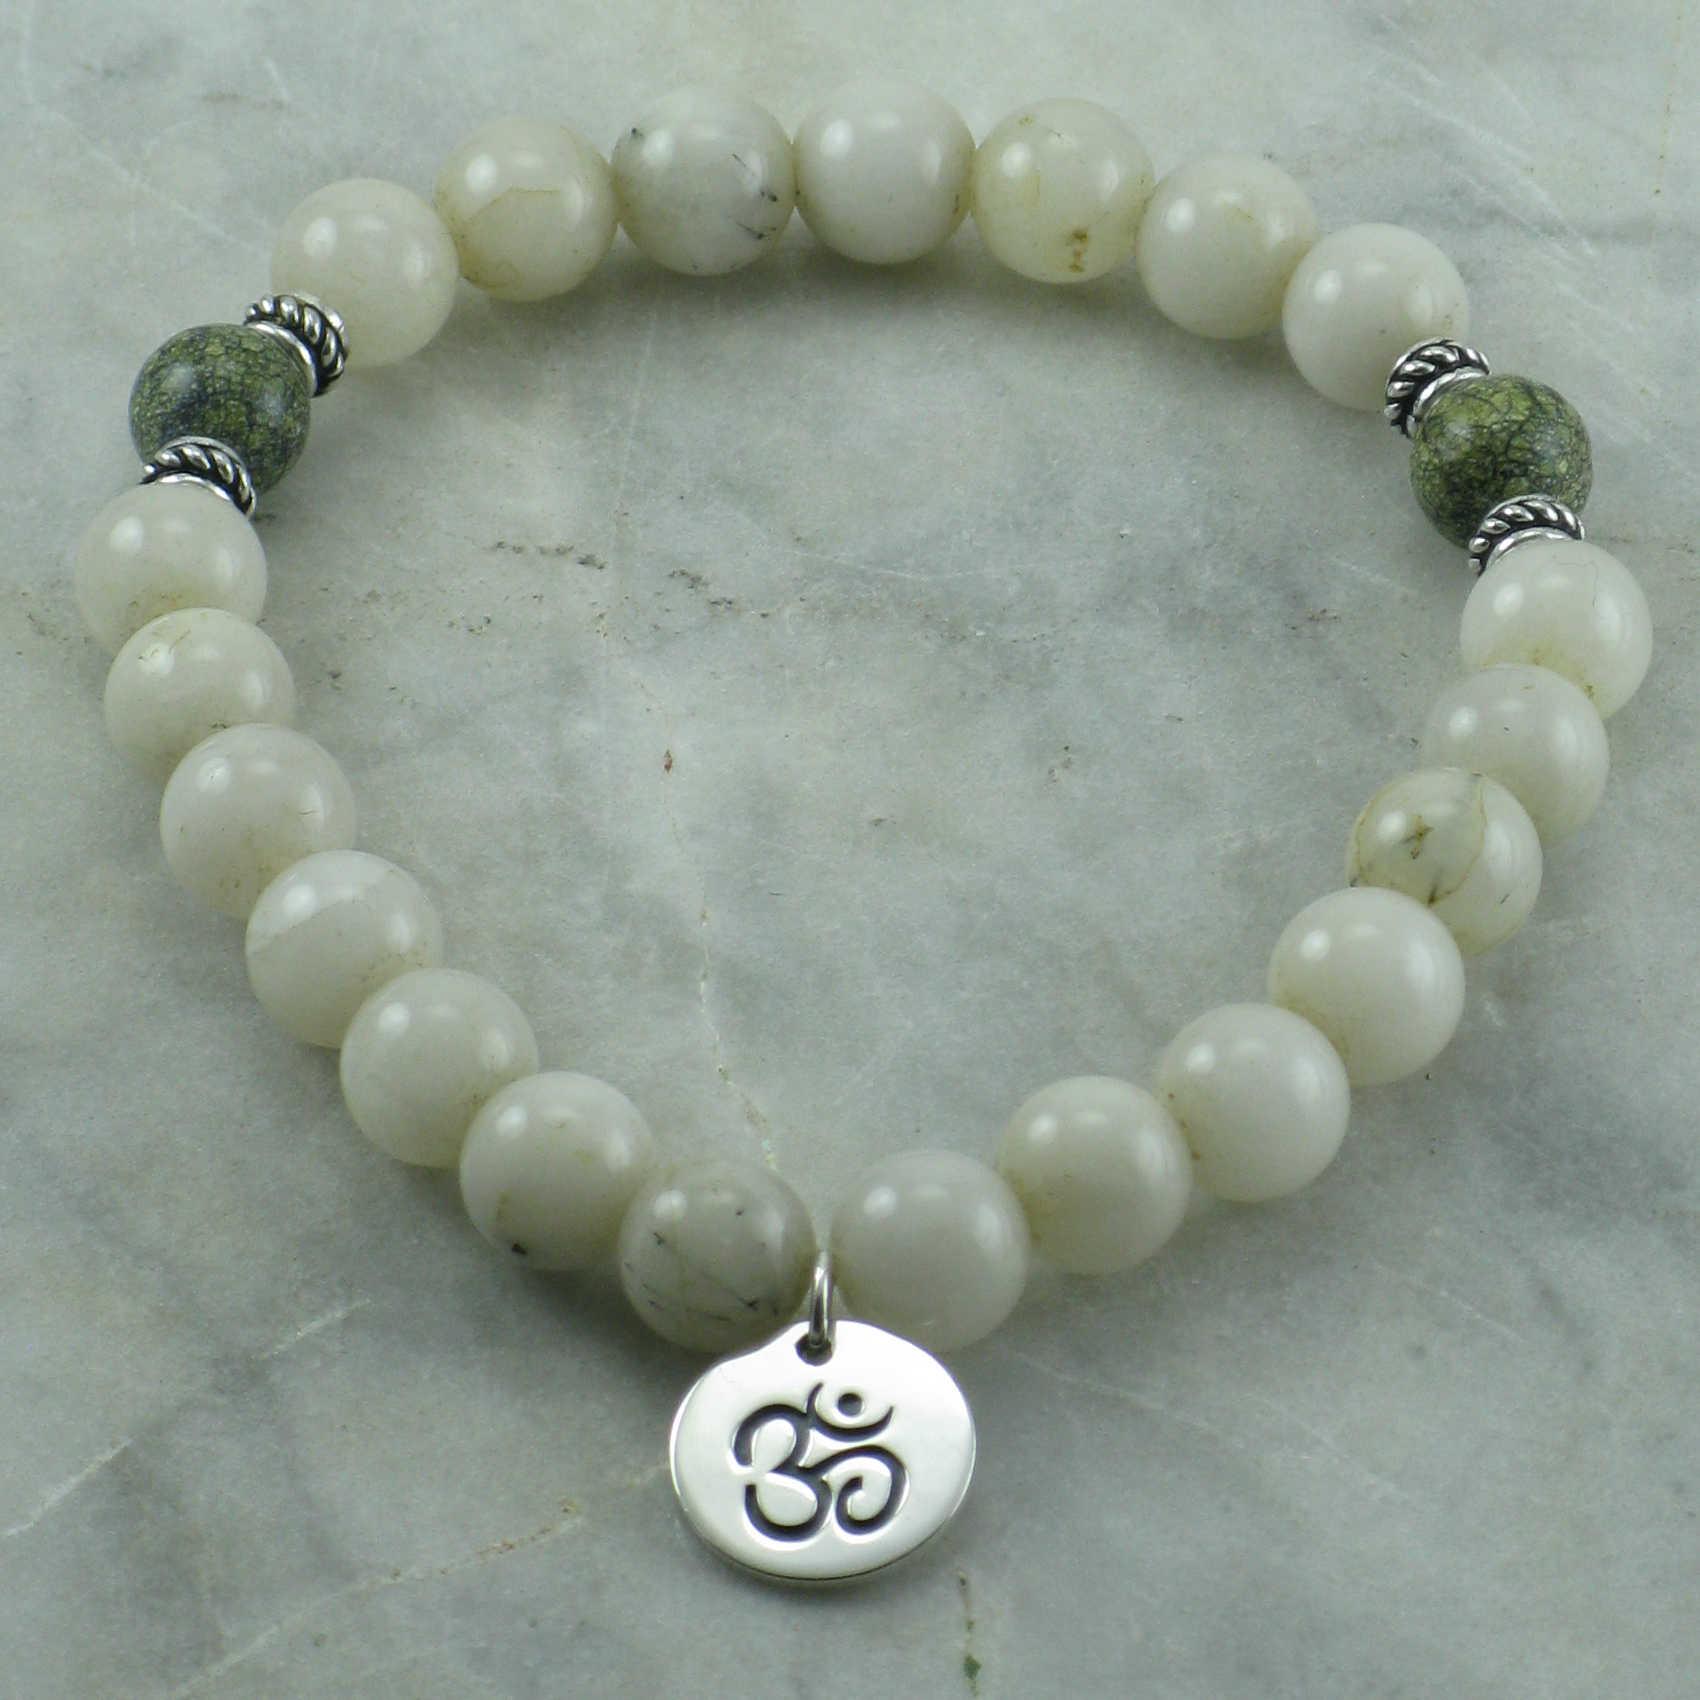 Yoga Beads: 21 Mala Beads, Yoga Bracelet